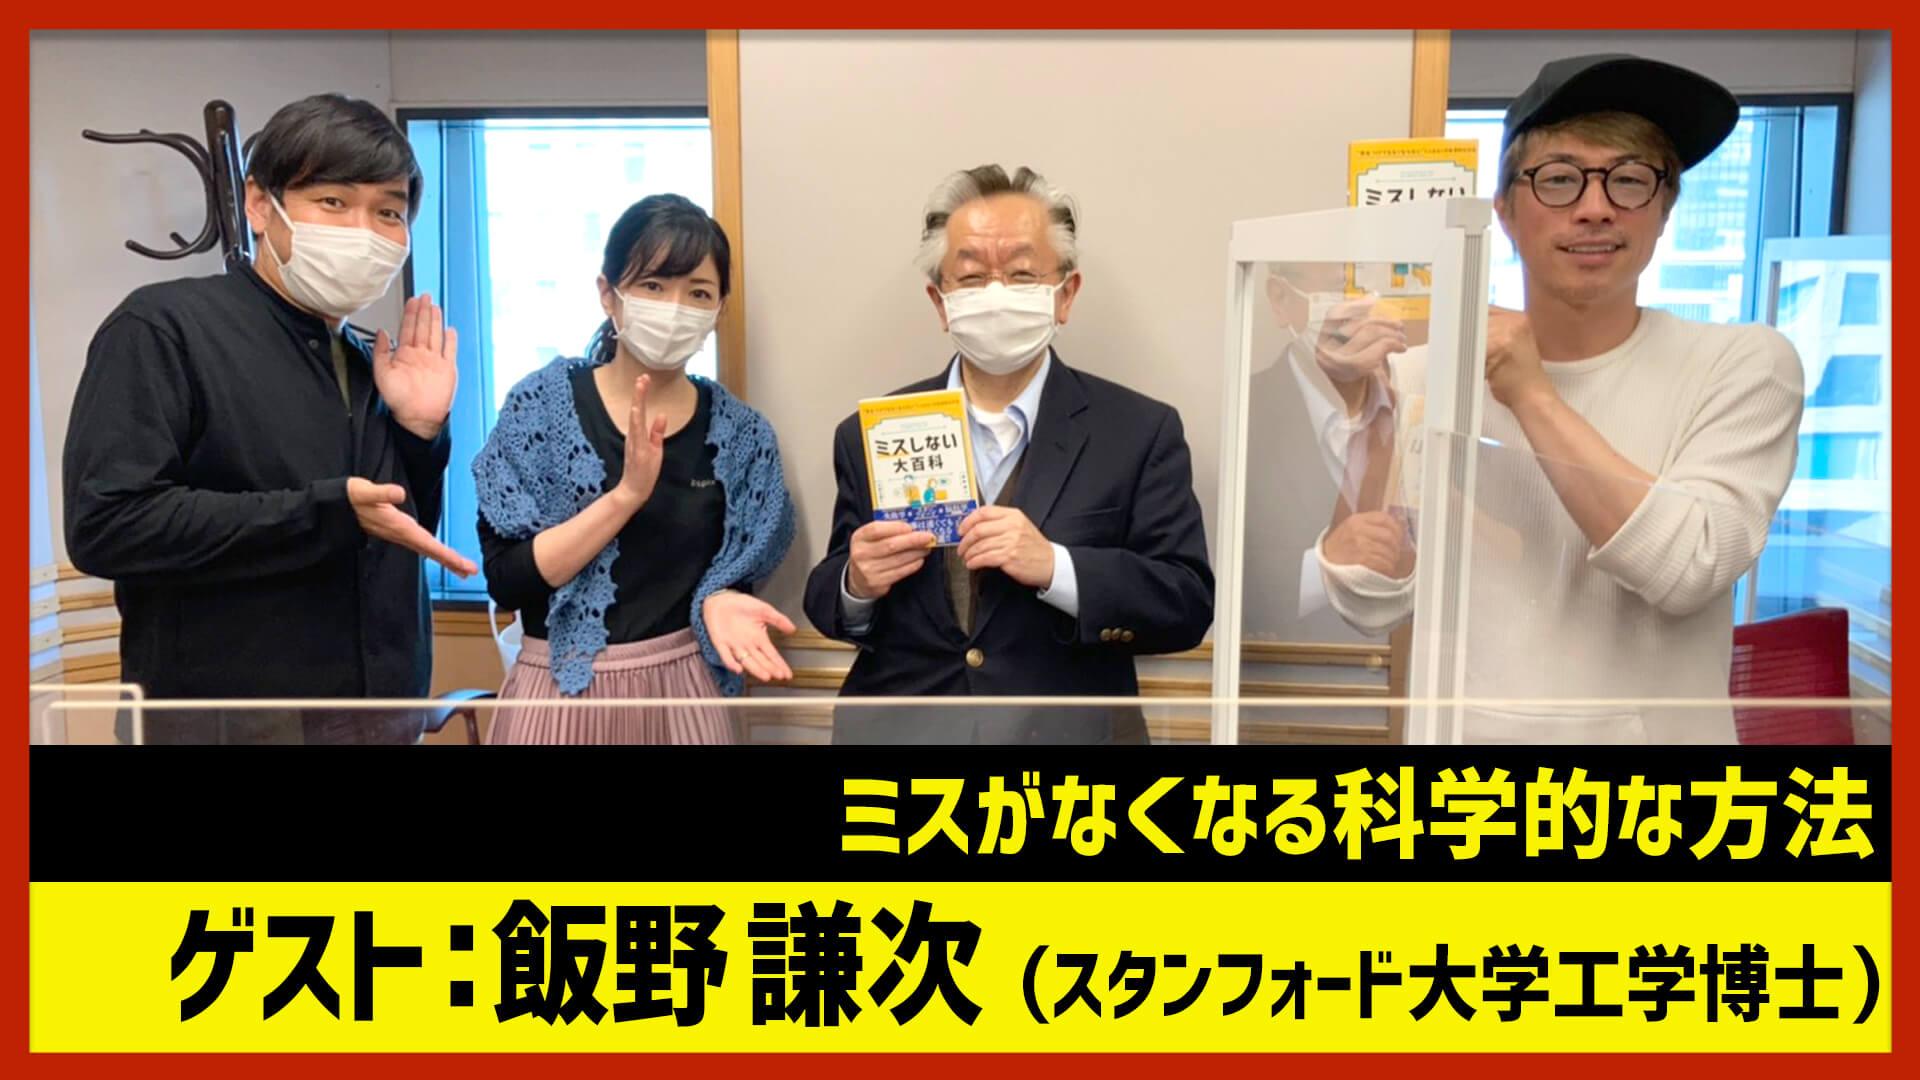 【田村淳のNewsCLUB】ゲスト: 飯野謙次さん(2021年4月10日後半)